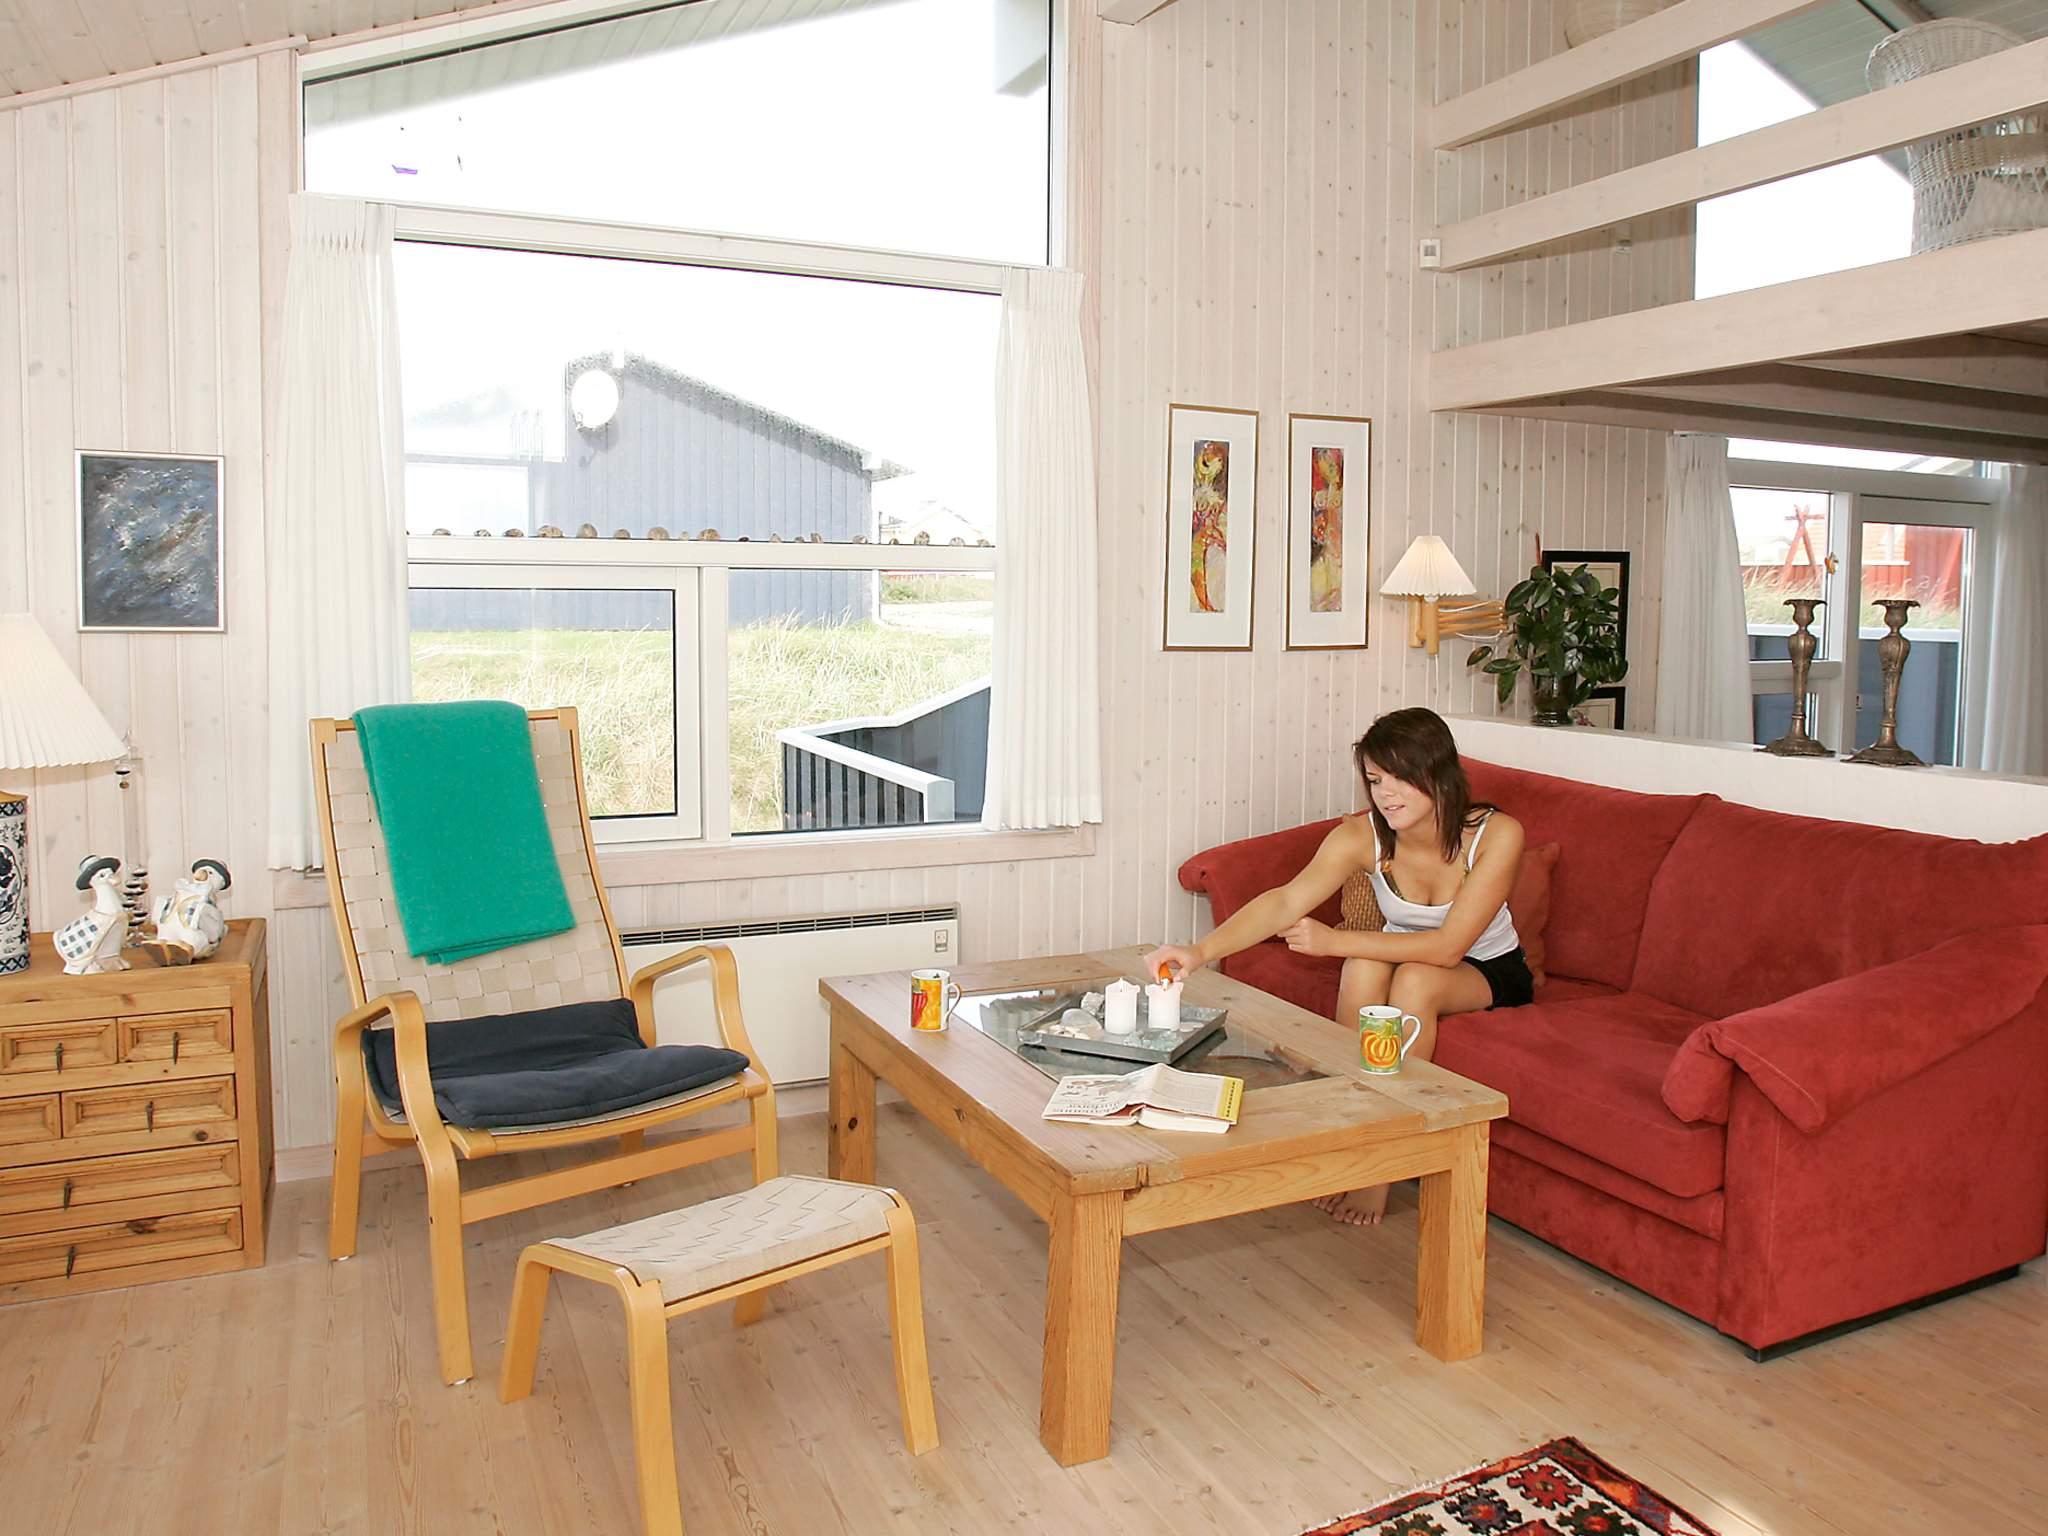 Ferienhaus Blokhus (83332), Blokhus, , Nordwestjütland, Dänemark, Bild 3